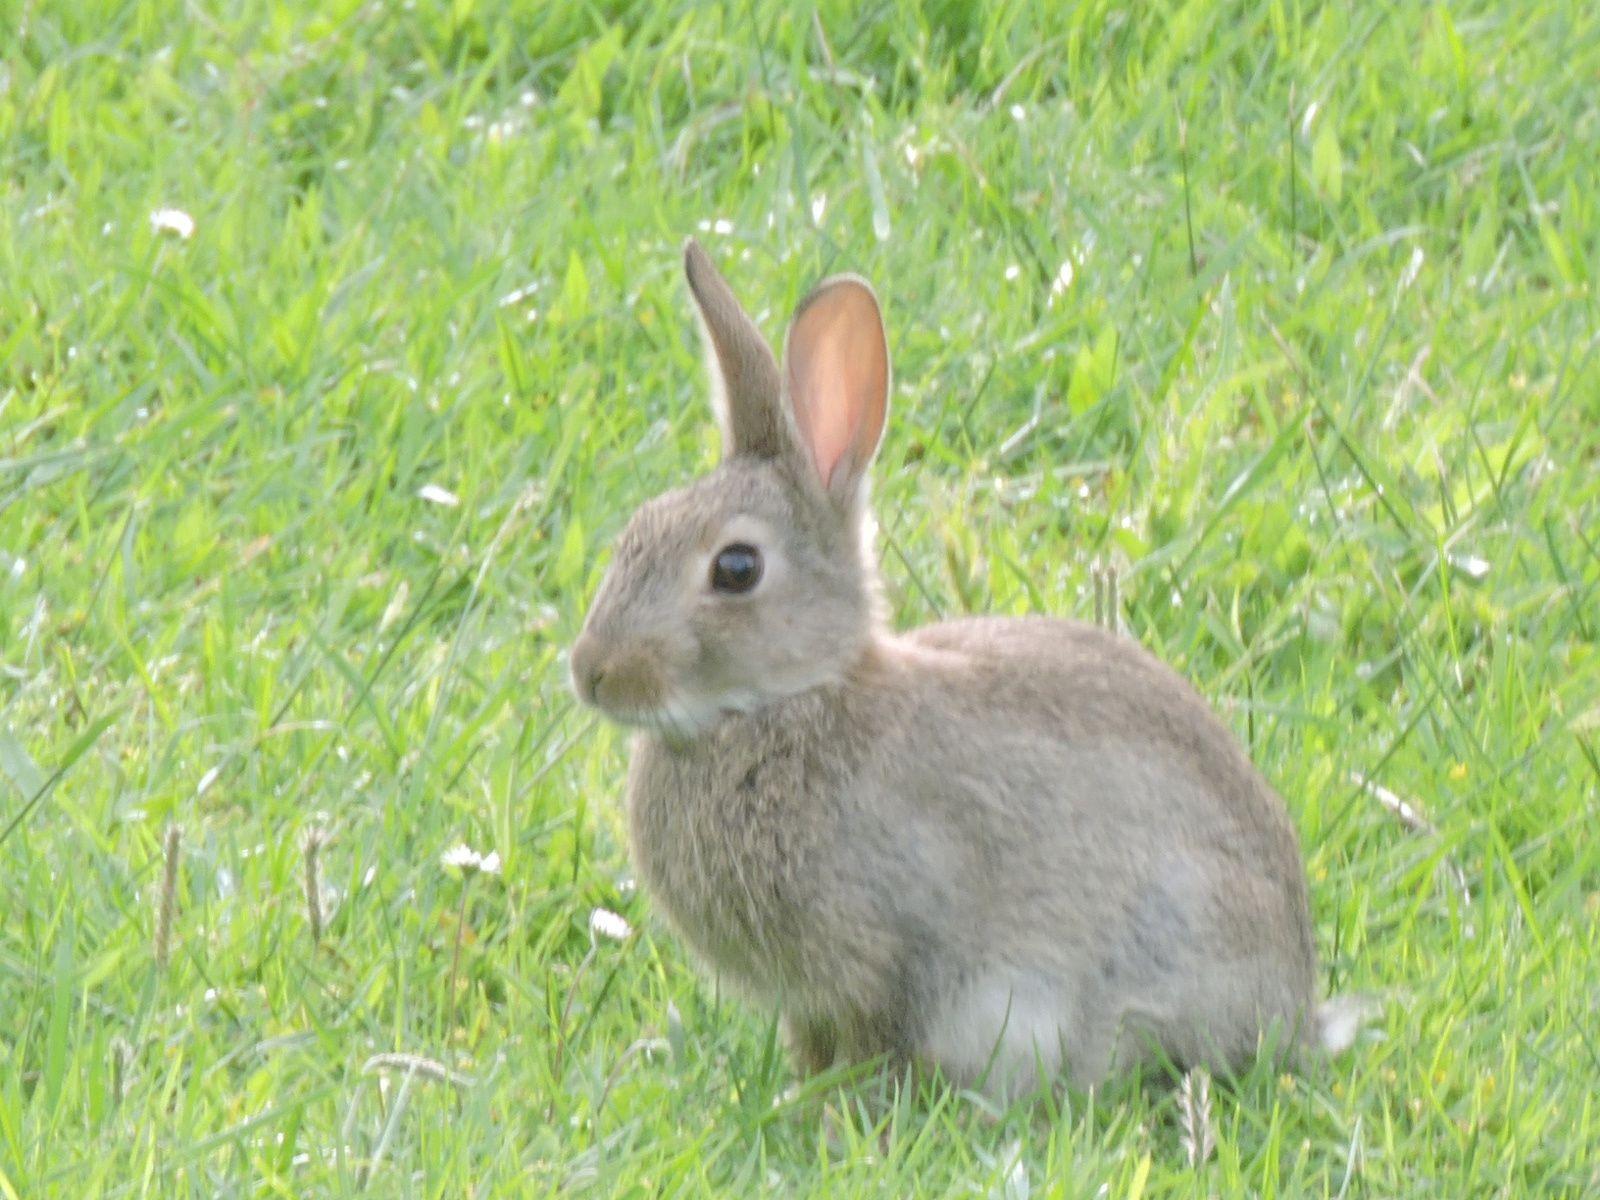 Les lapins ont envahi le jardin ! ils sont si mignons mais ils mangent mes fleurs ! je les regarde le soir assise sur le banc un pur moment de bonheur ! je les observe lorsqu'il ne pleut pas !